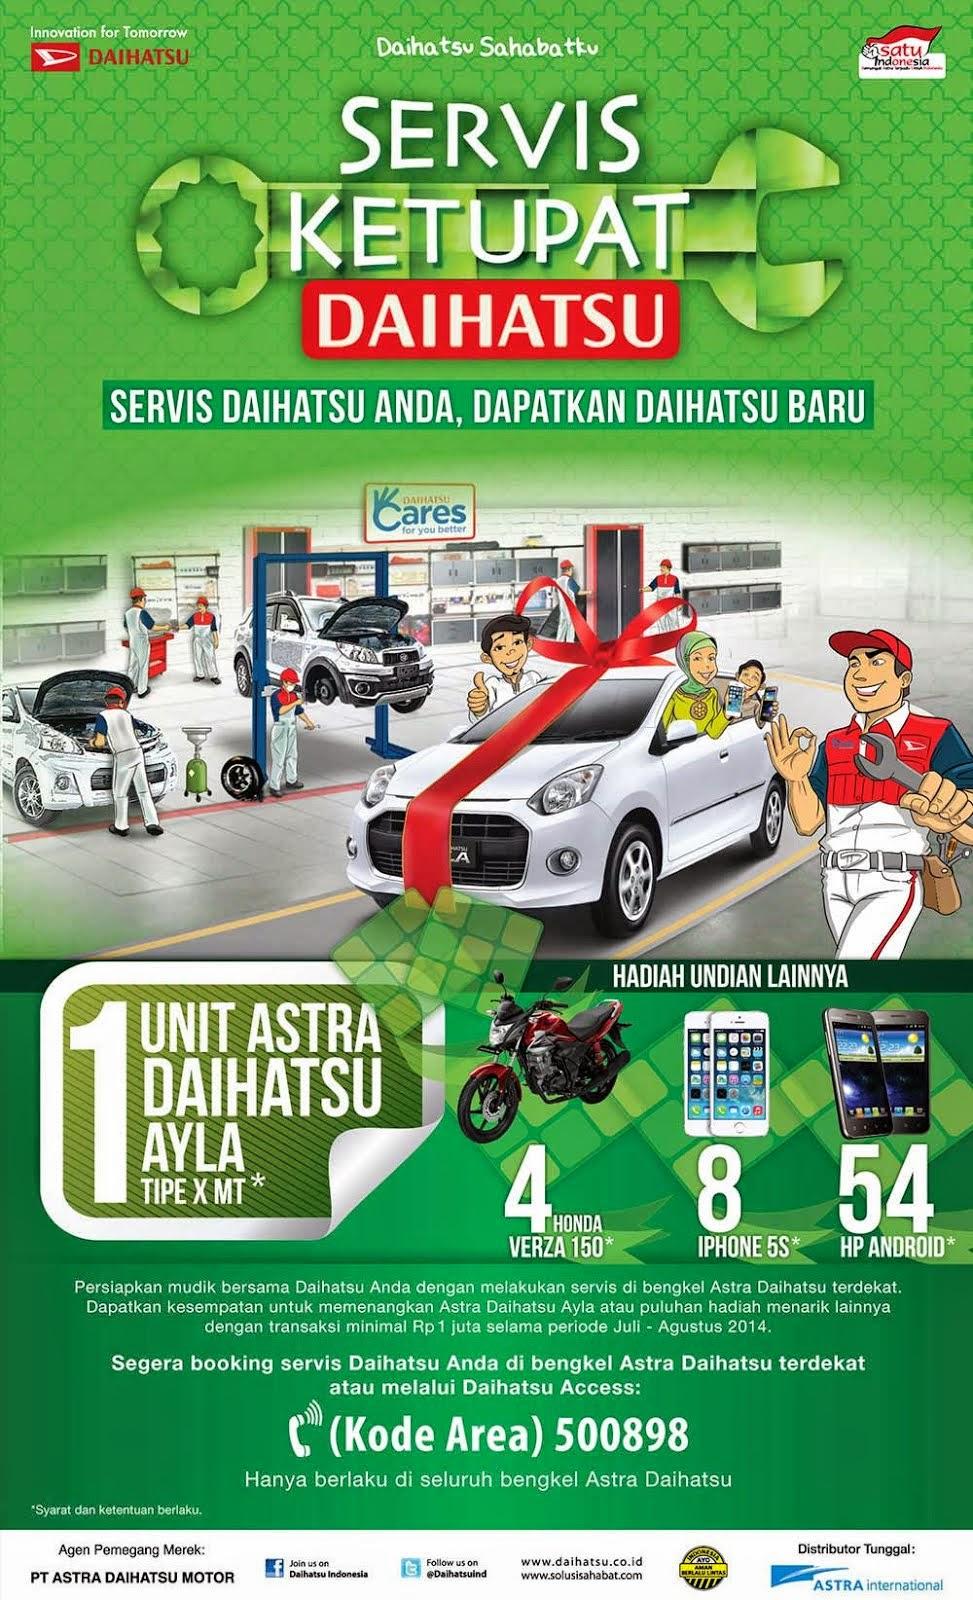 Harga Daihatsu Surabaya